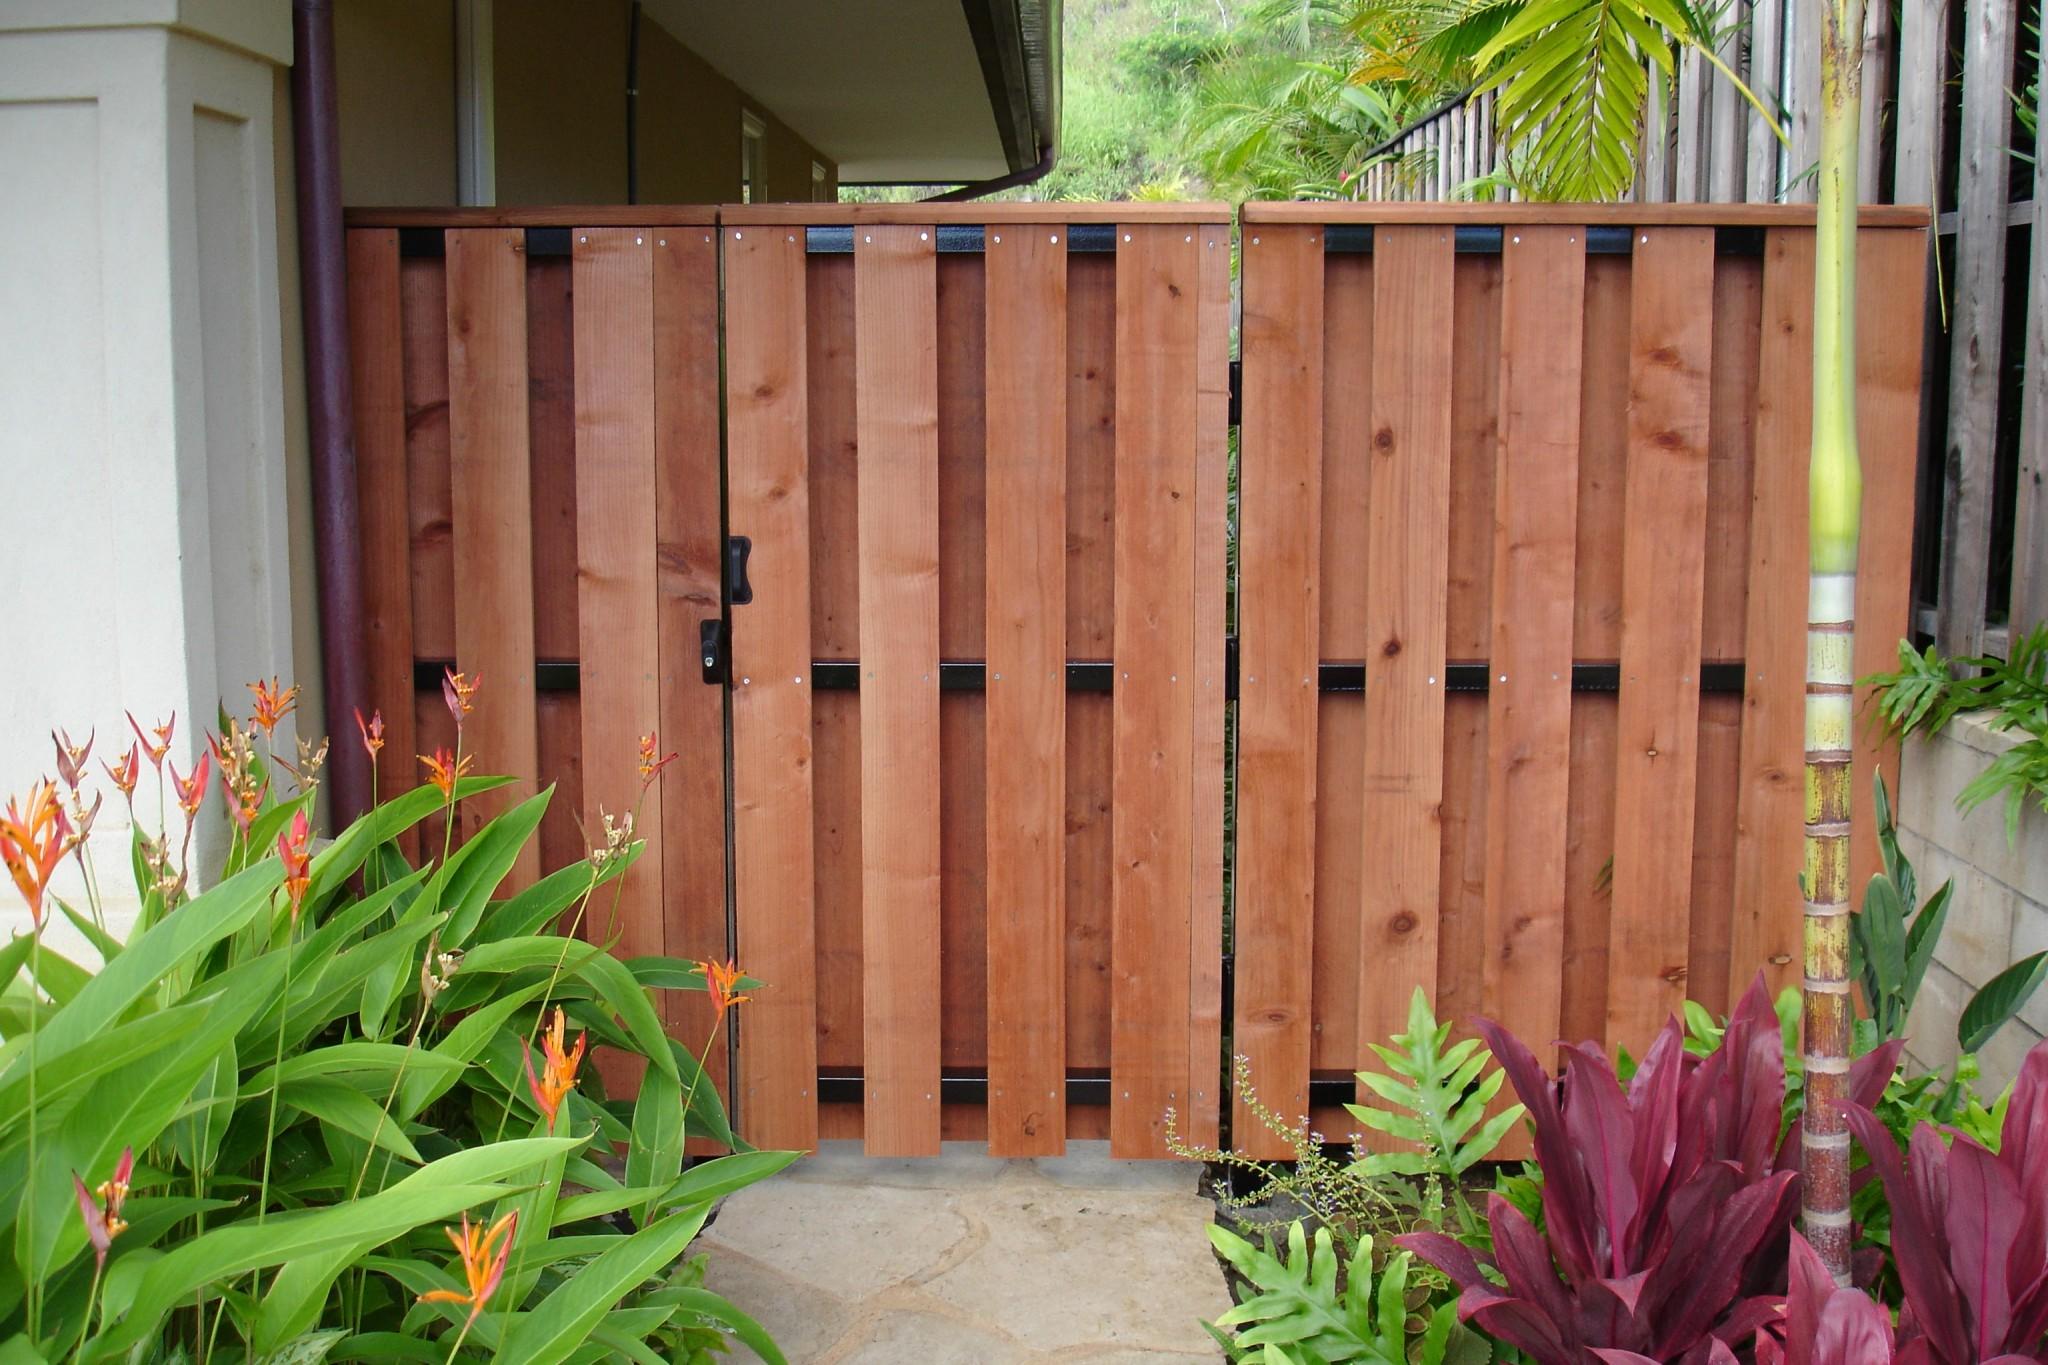 Hawaii Fence Project Gallery Oahu Hawaii